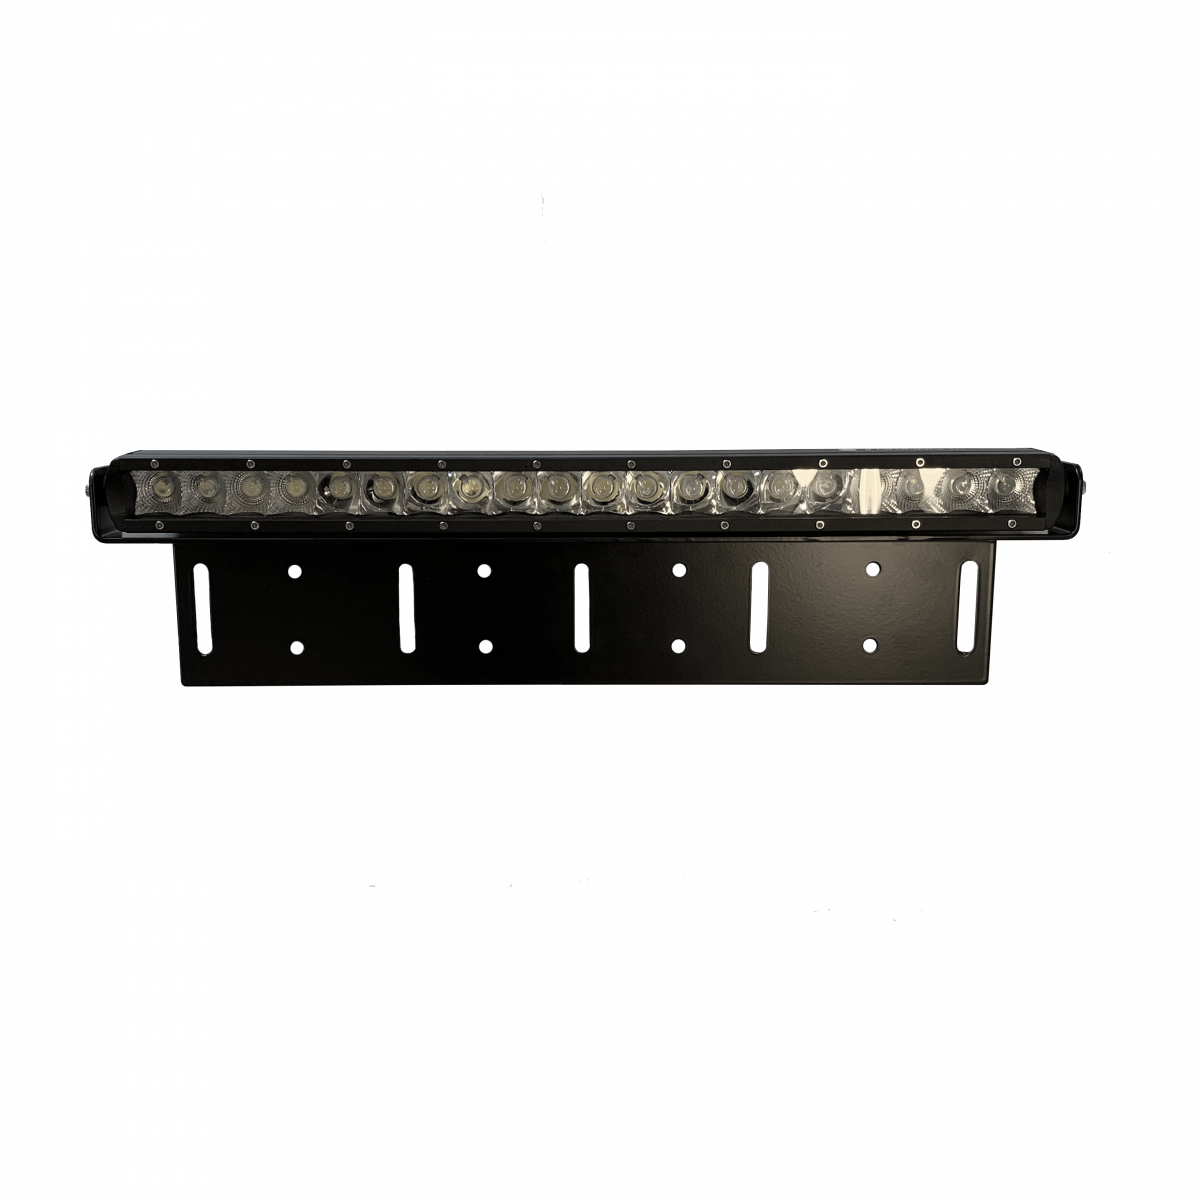 """LamboLight LED-ramp 20"""" + kablage + fäste-0"""